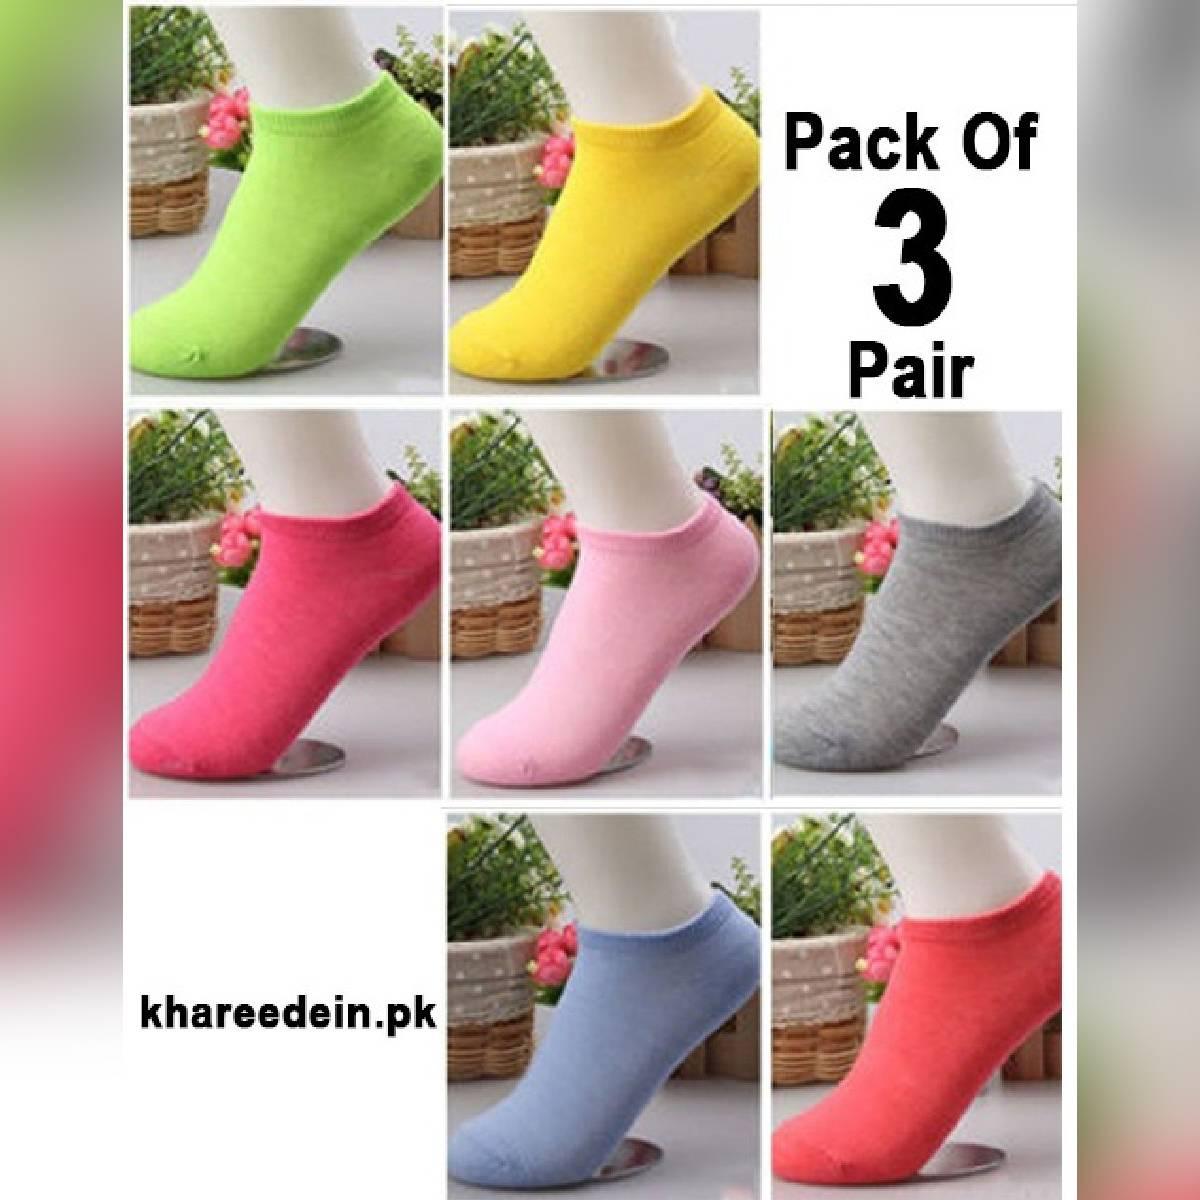 Pack Of 3 - 6 - 9 - 12 - Ankles Socks For Women / Girls